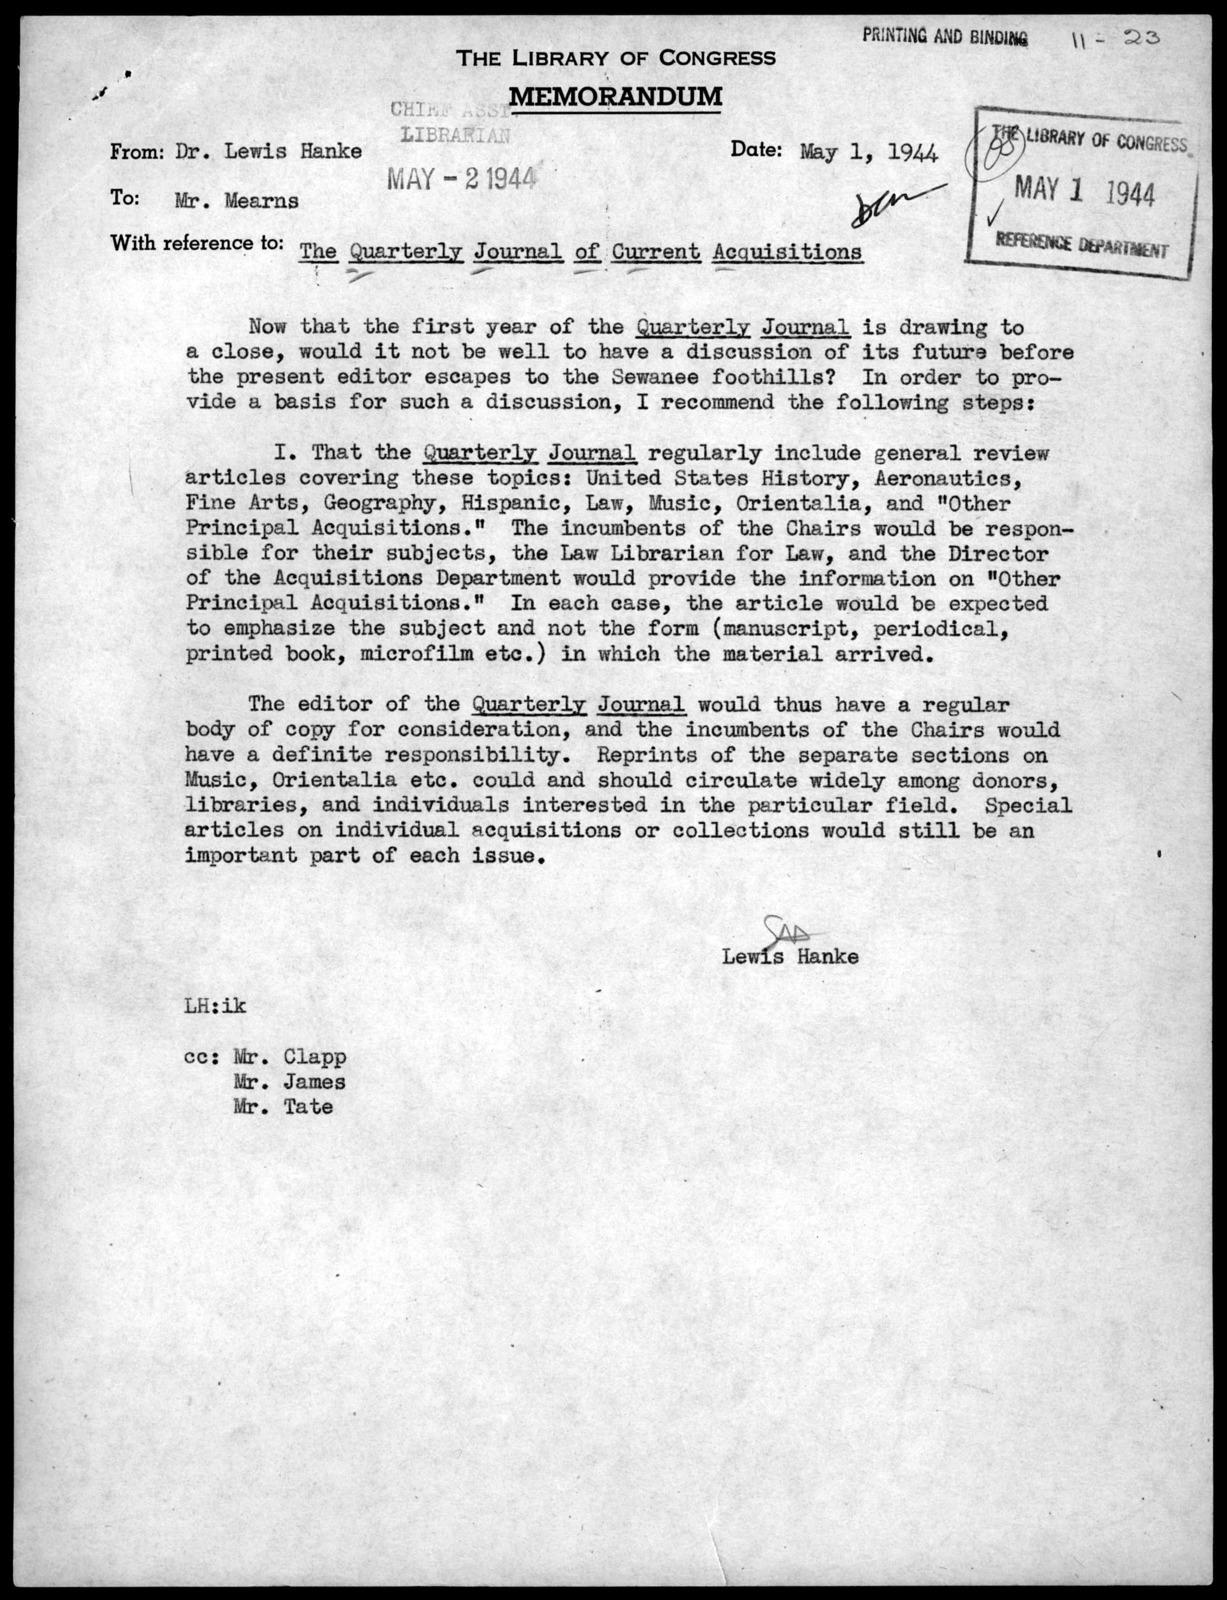 Memorandum from Lewis Hanke to David C. Mearns, May 1, 1944